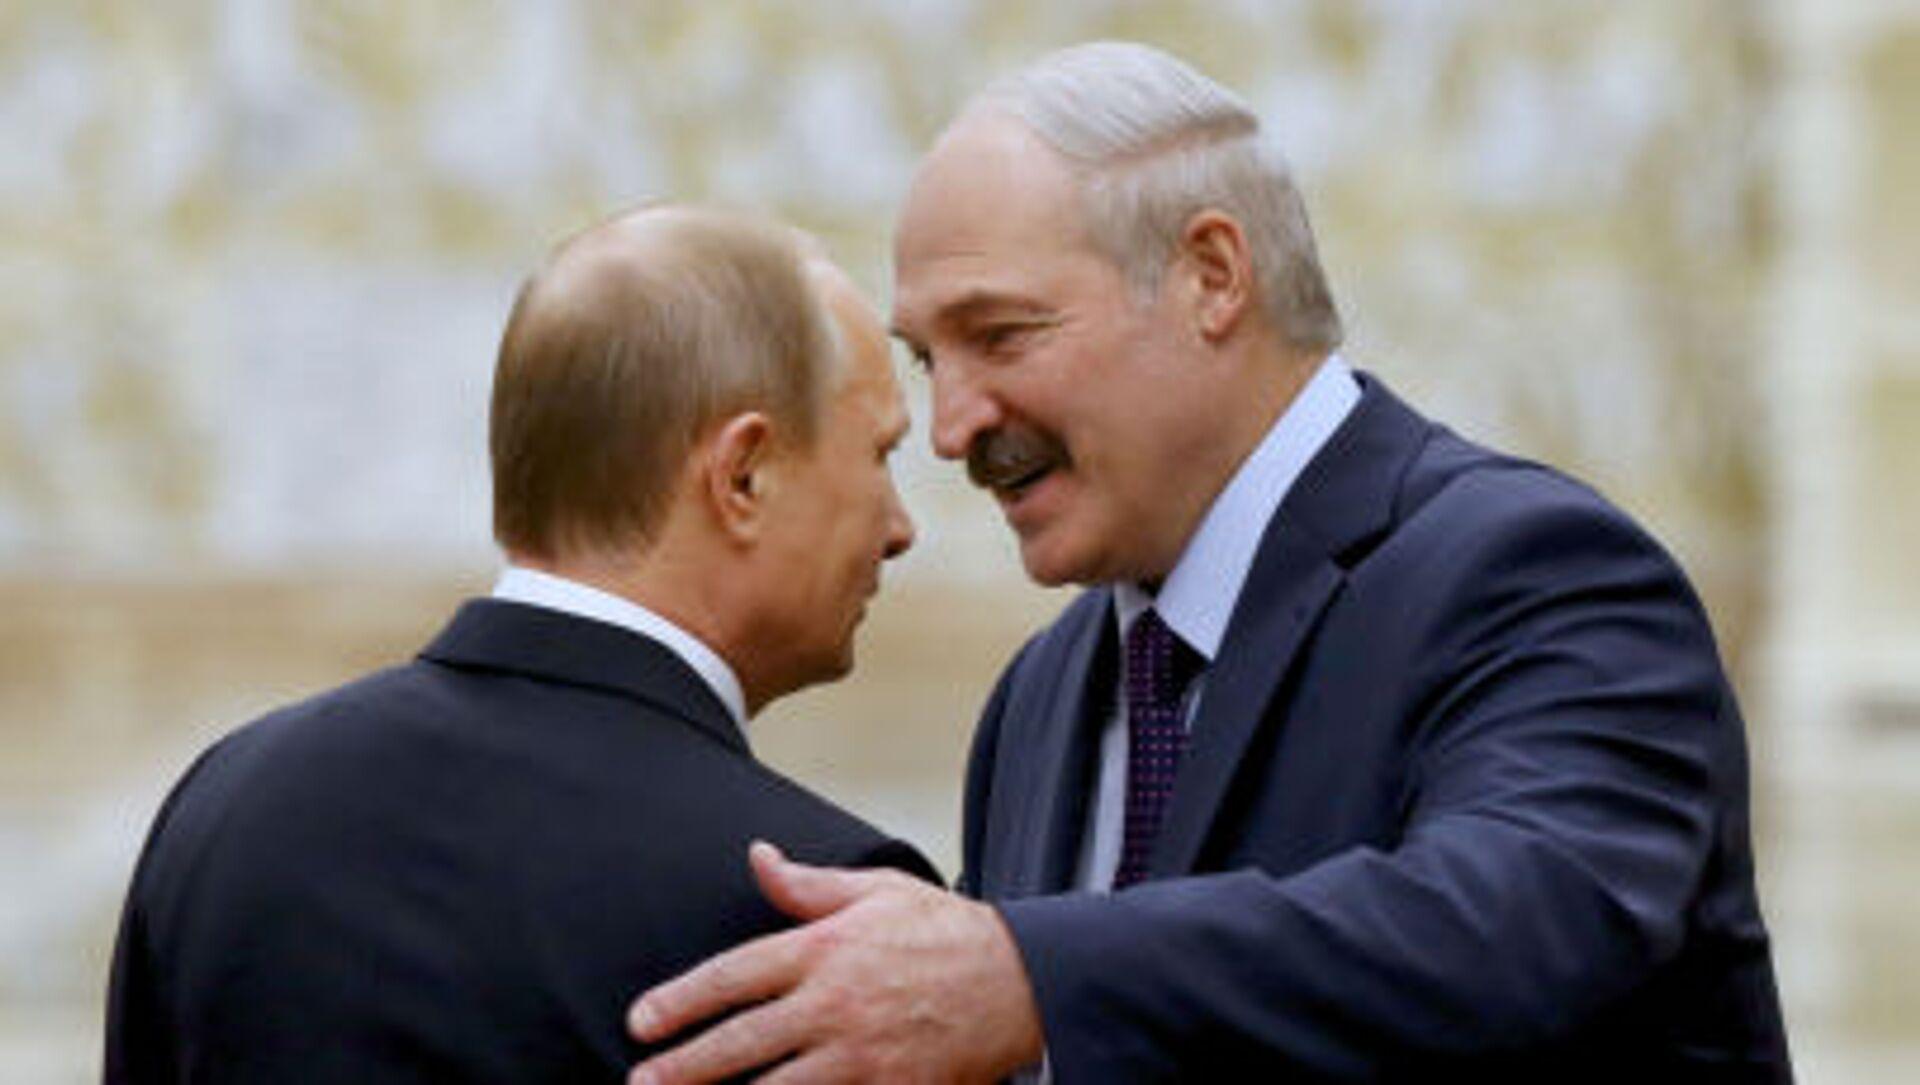 Prezydent Rosji Władimir Putin i prezydent Białorusi Alaksandr Łukaszenka w Mińsku - Sputnik Polska, 1920, 06.06.2021